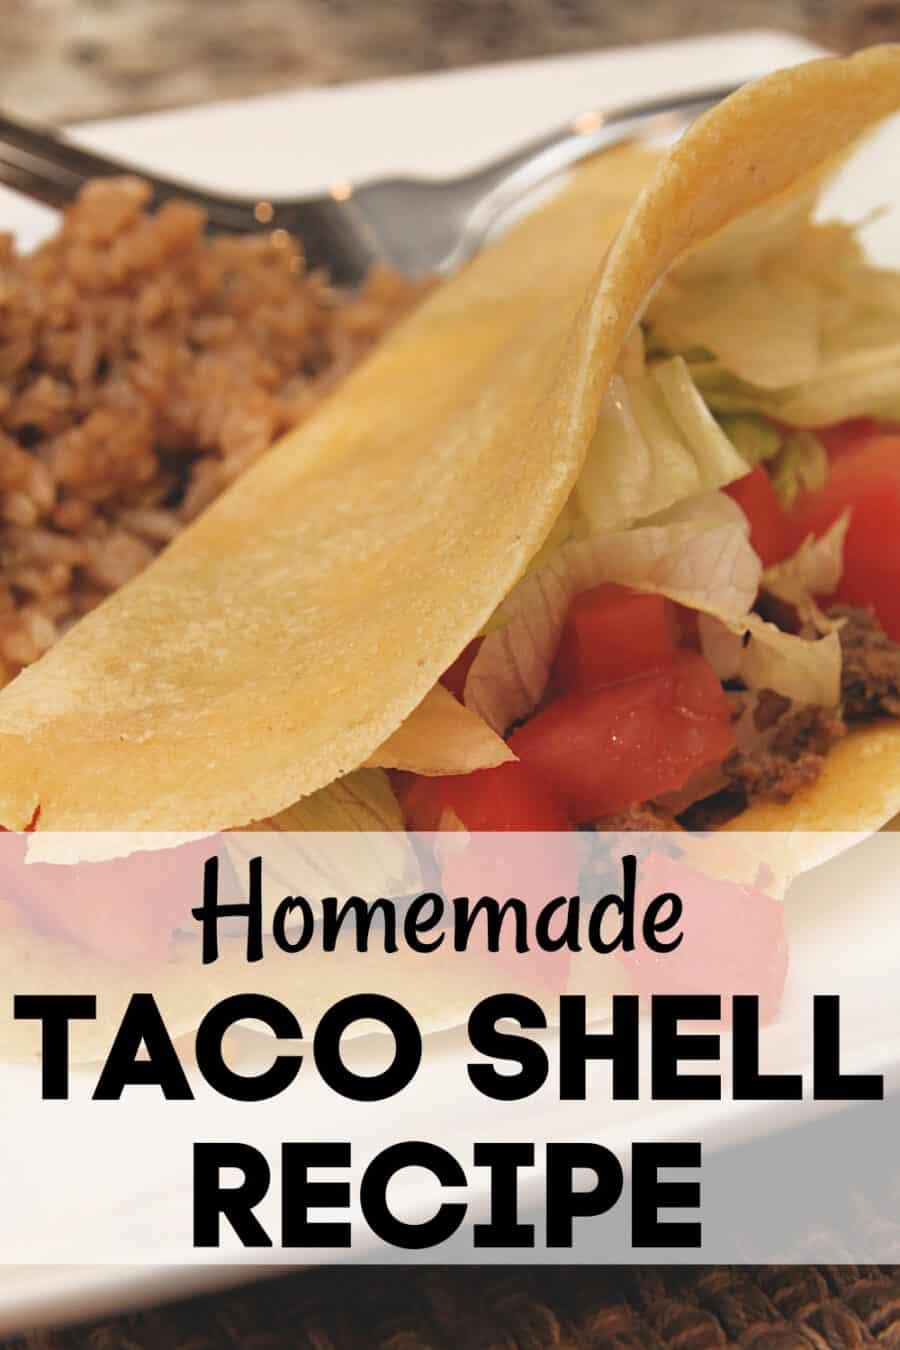 Homemade Tacos - The BEST Homemade Taco Shell Recipe!